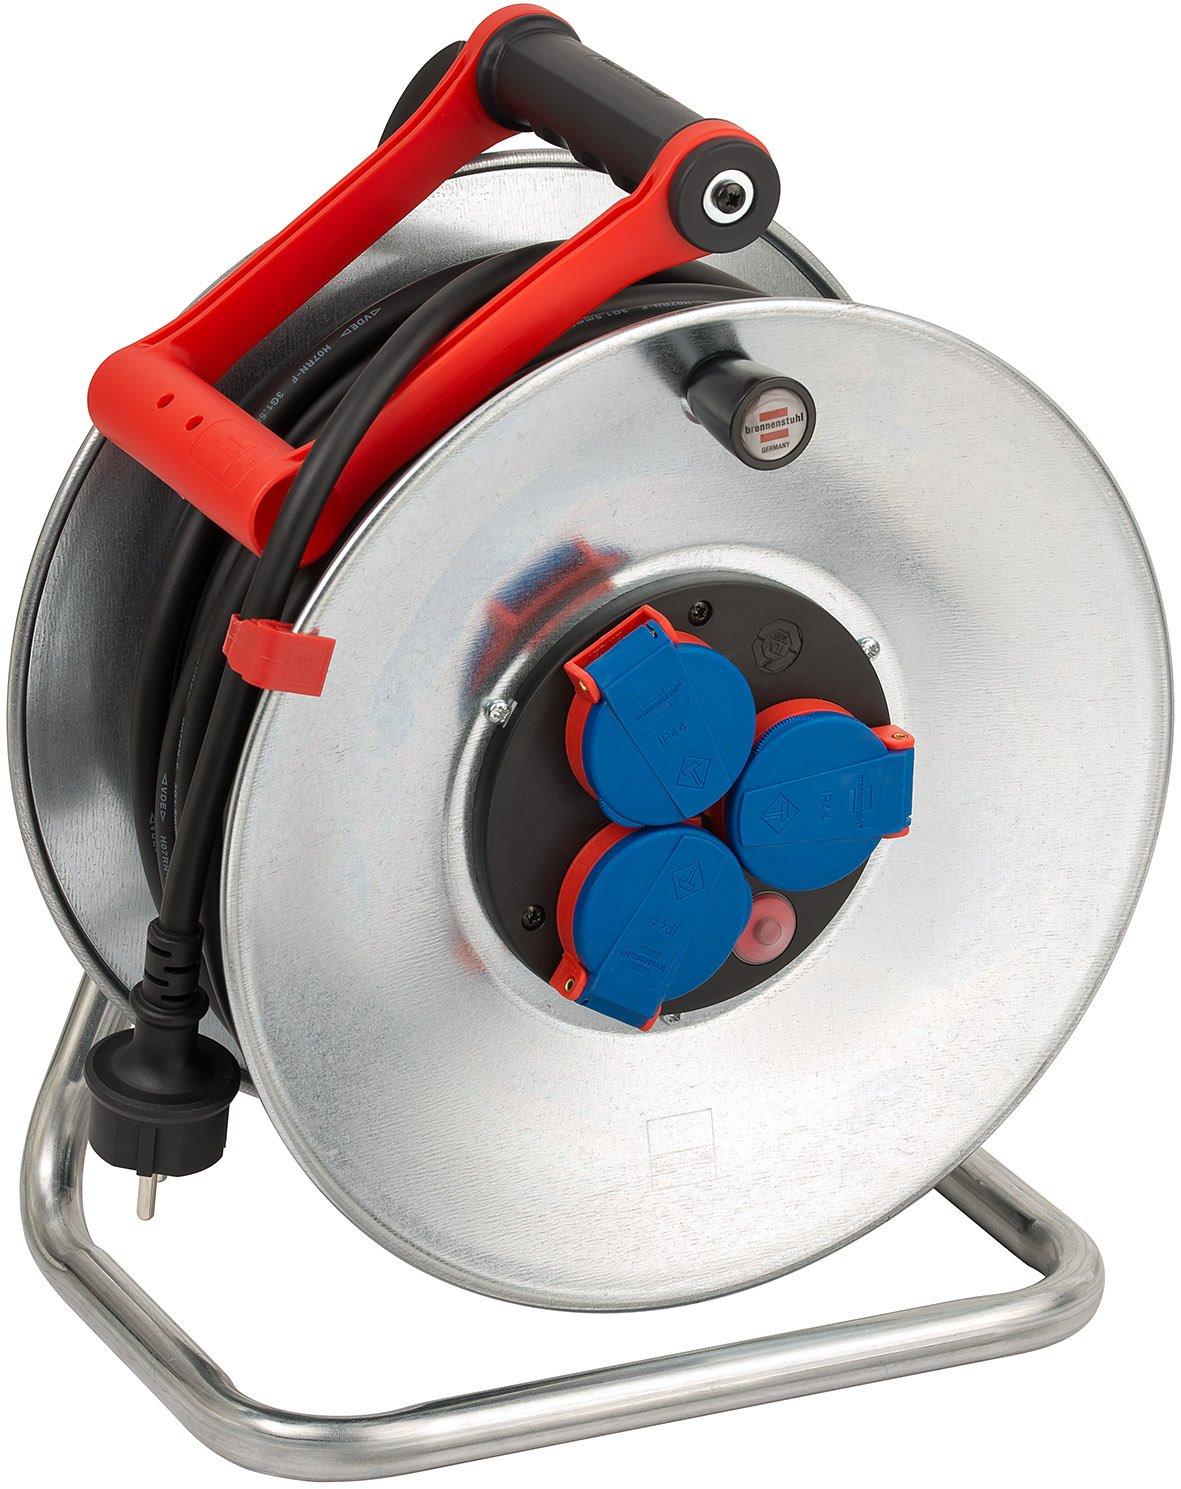 Brennenstuhl Garant S IP44 Kabeltrommel (40m - Stahlblech, ständiger Einsatz im Außenbereich, Made In Germany) silber B001BAY860 | Verwendet in der Haltbarkeit